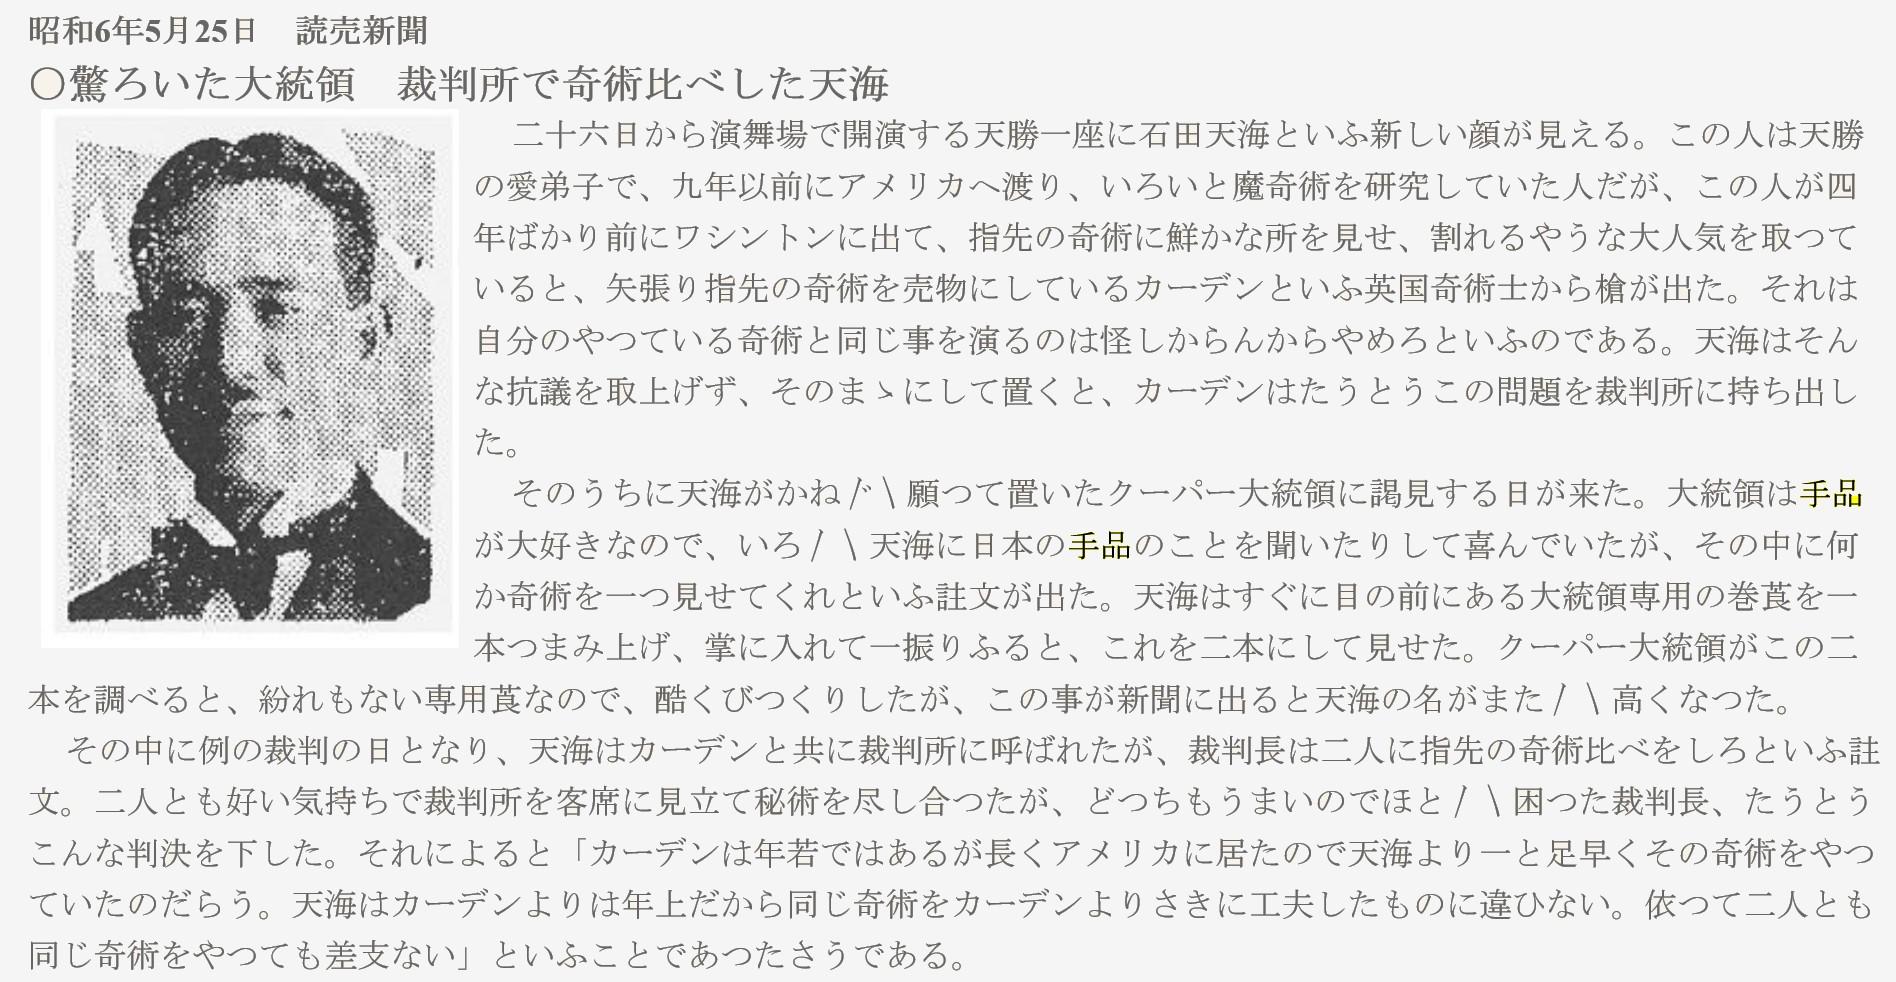 昭和6年5月25日 読売新聞